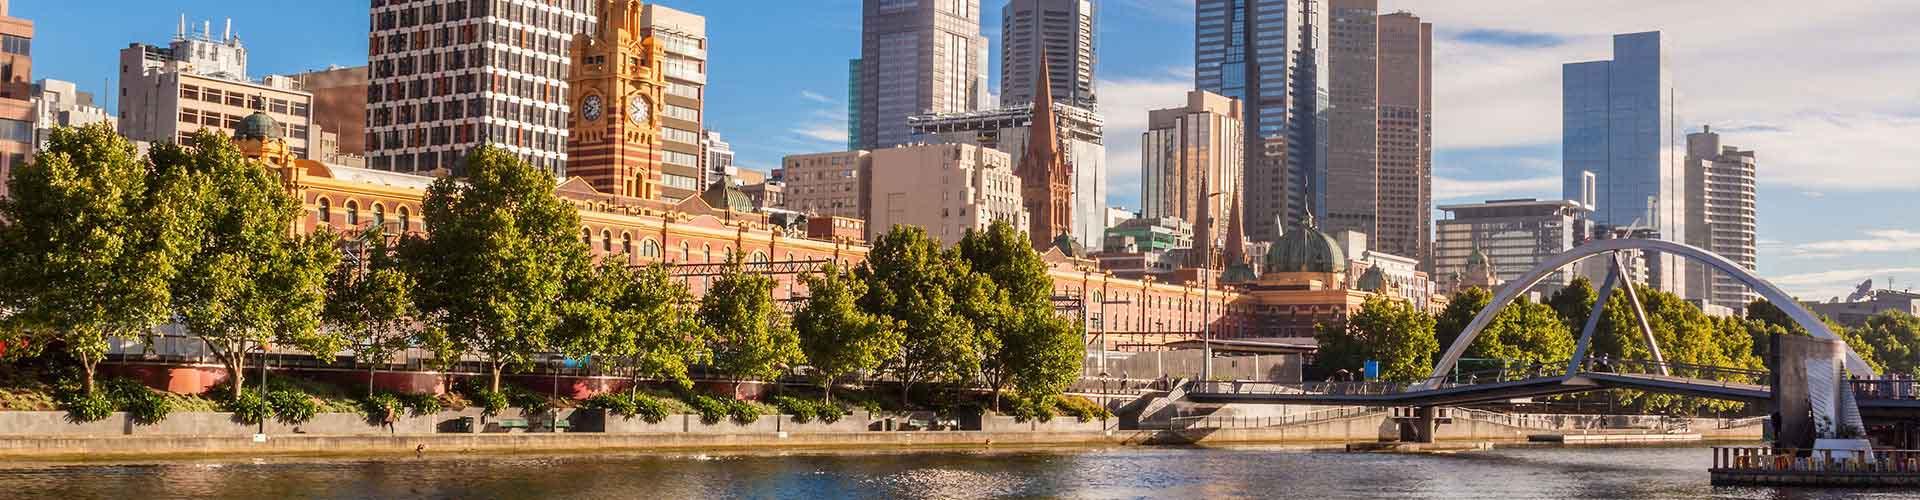 Melbourne - Auberges de jeunesse dans le quartier de Melbourne. Cartes pour Melbourne, photos et commentaires pour chaque auberge de jeunesse à Melbourne.